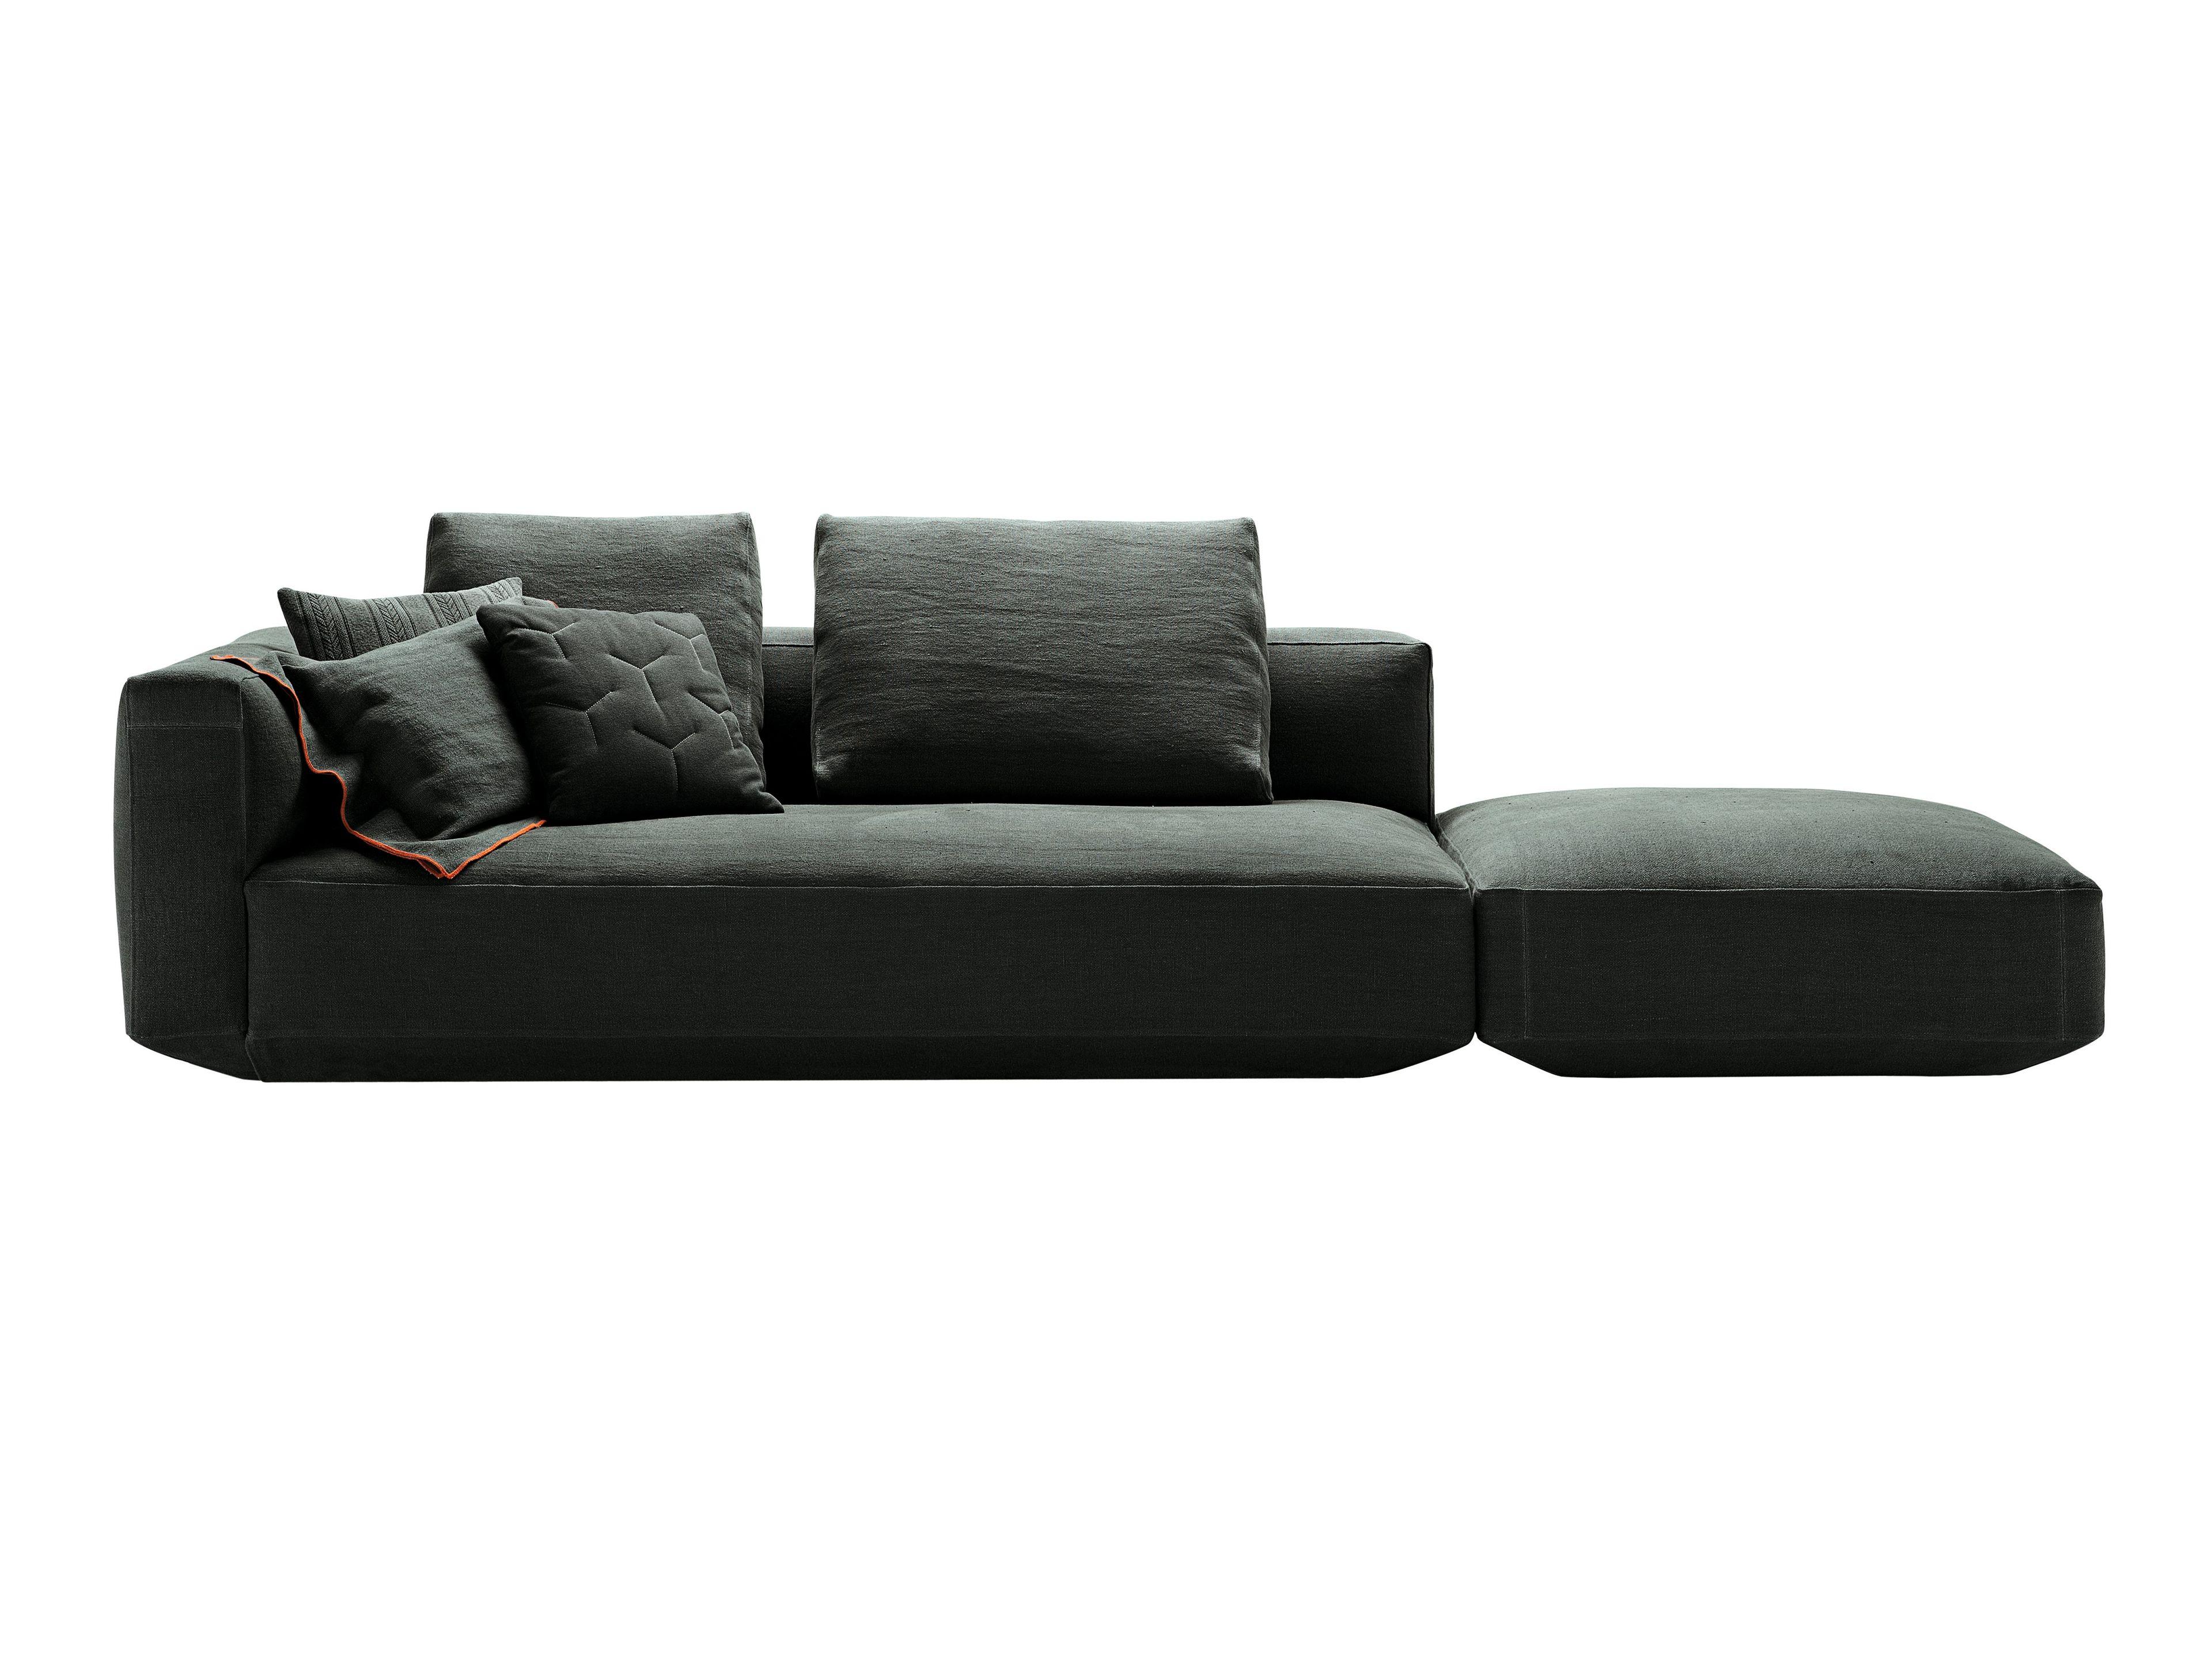 sectional sofa pianoalto by zanotta design ludovica. Black Bedroom Furniture Sets. Home Design Ideas